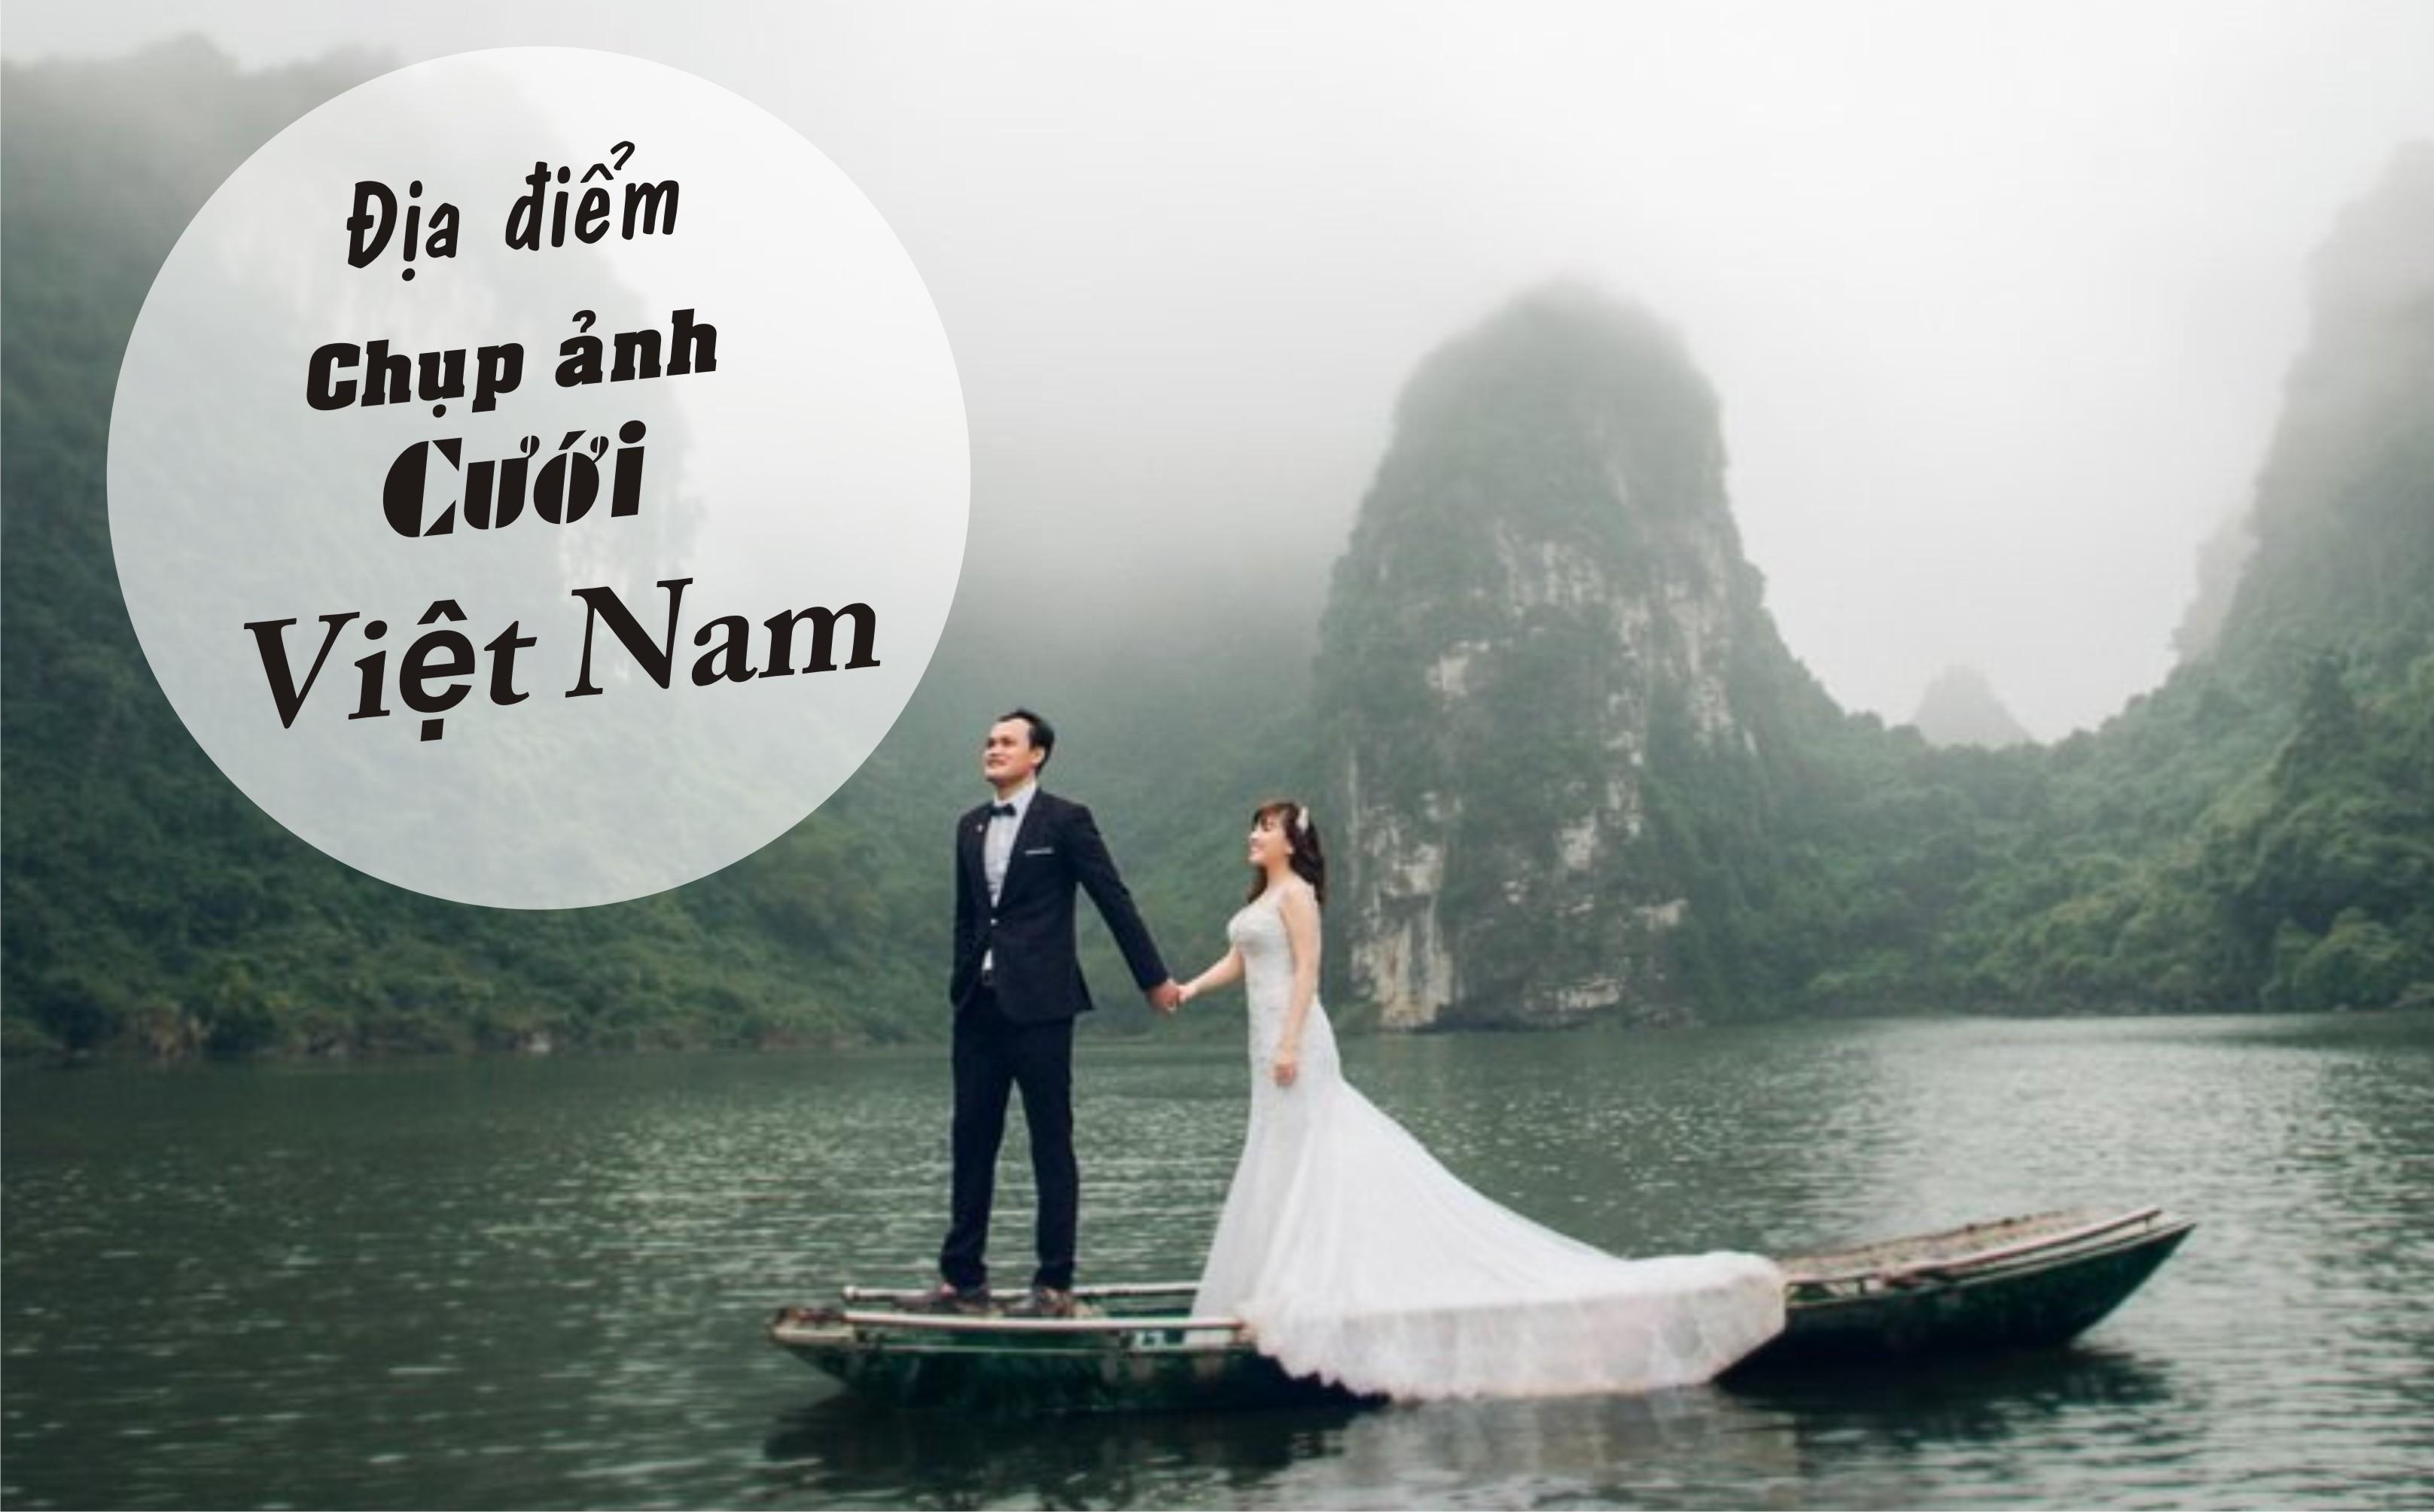 Danh sách các địa điểm chụp ảnh cưới đẹp tại Việt nam